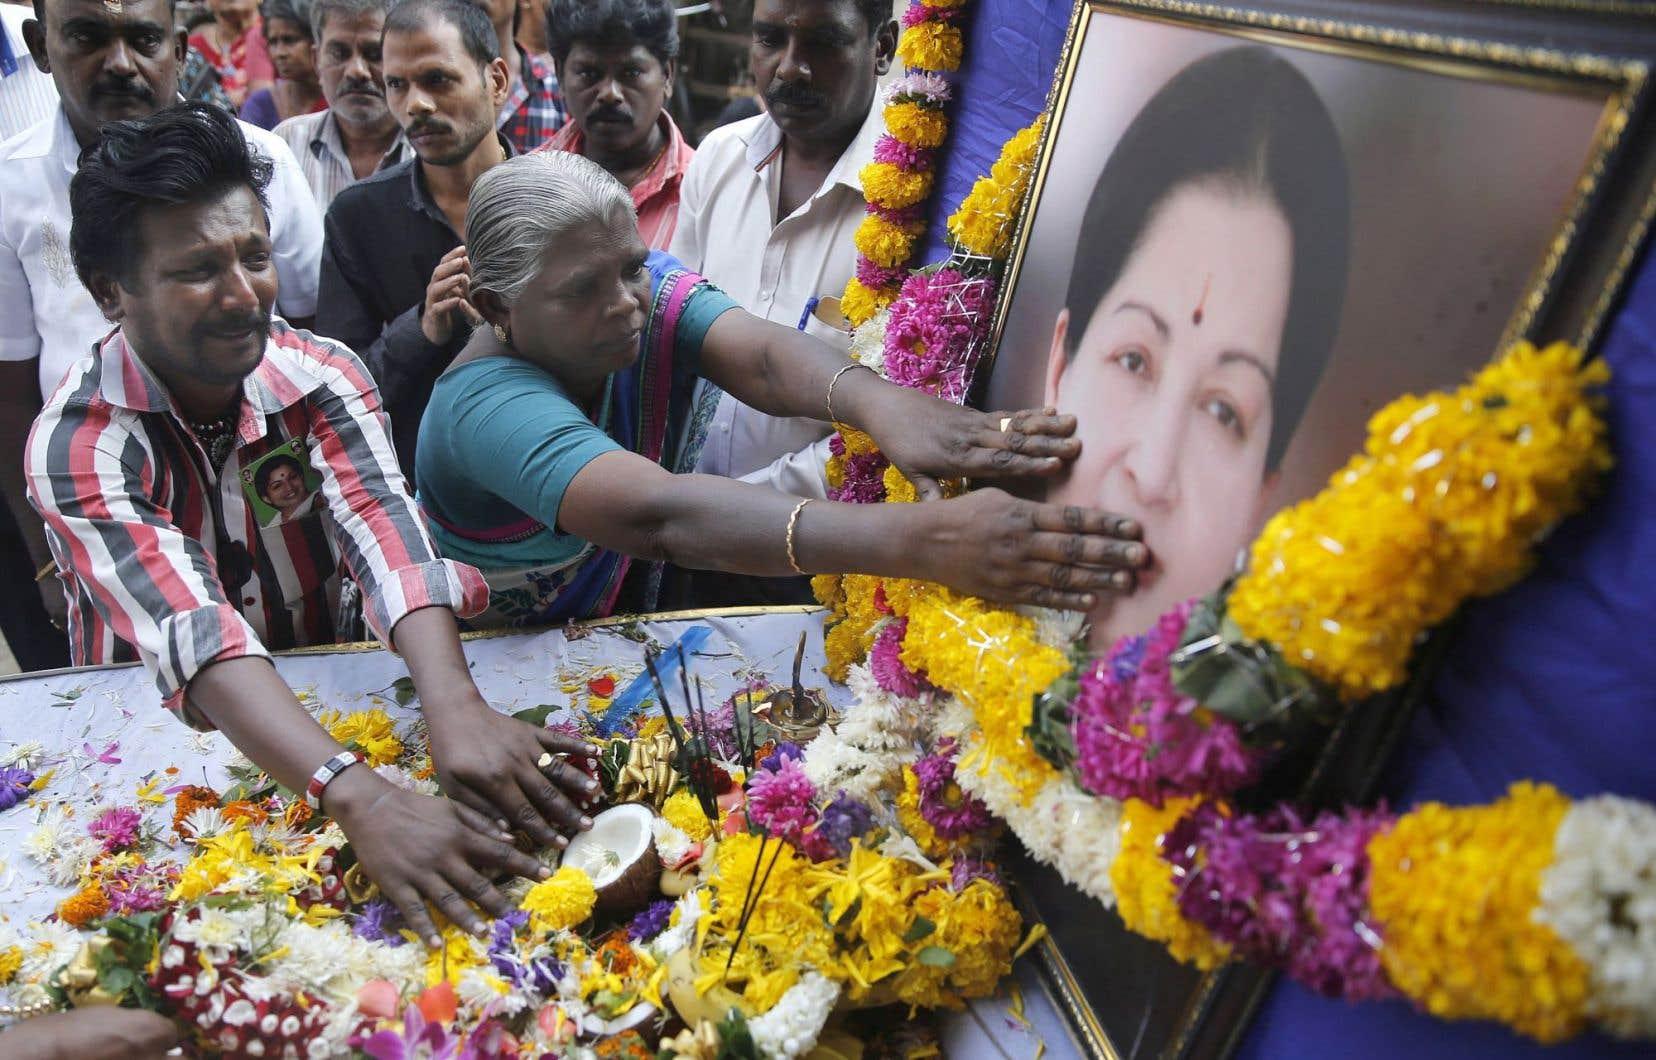 Ministre en chef du Tamil Nadu par intermittence depuis le début des années 1990, Jayalalithaa Jayaraminspirait une adoration confinant au religieux.